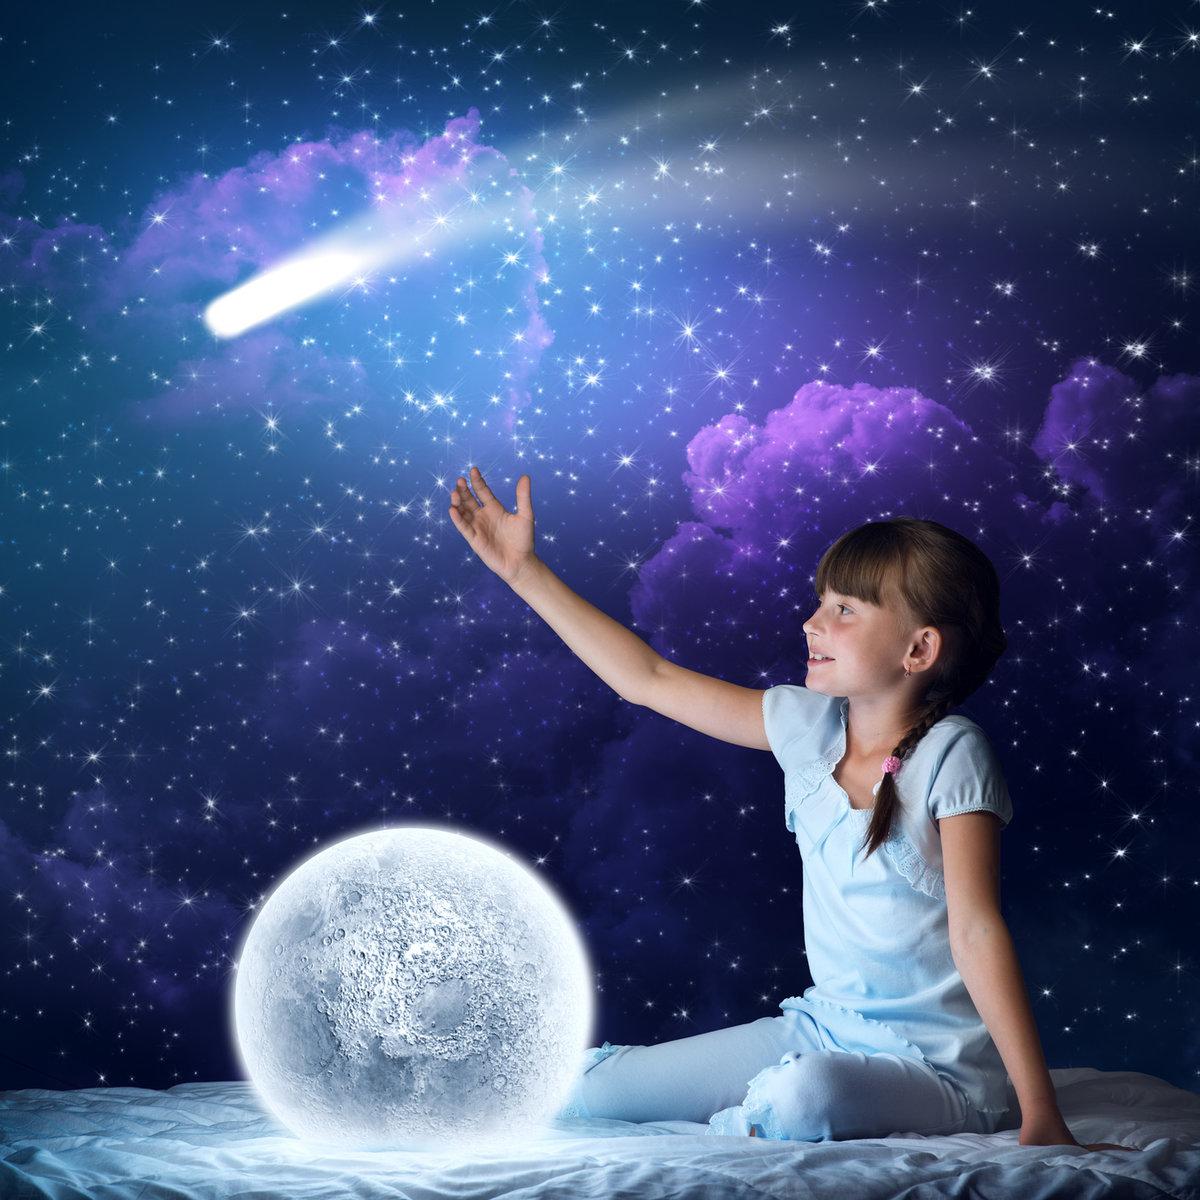 fototapeta gwiazdy, fototapeta do pokoju dla dziecka